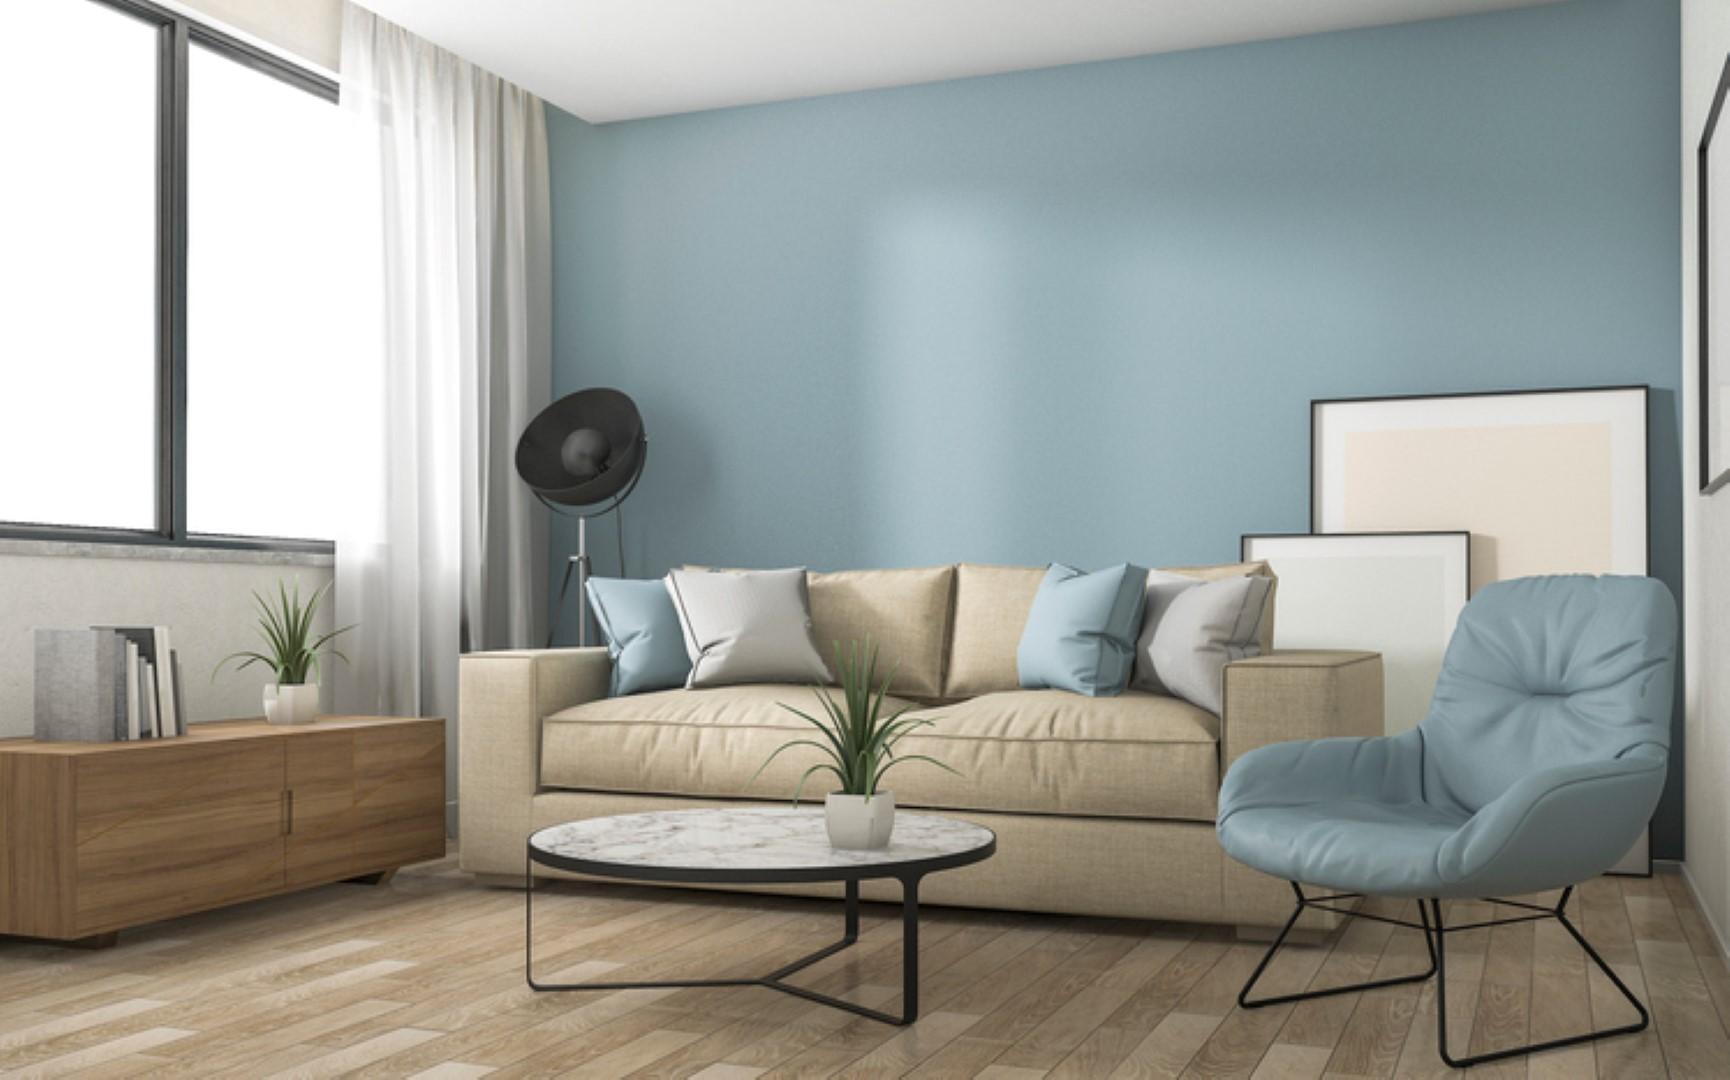 Arredo: scopri il colore giusto per le pareti di casa - Tgcom24